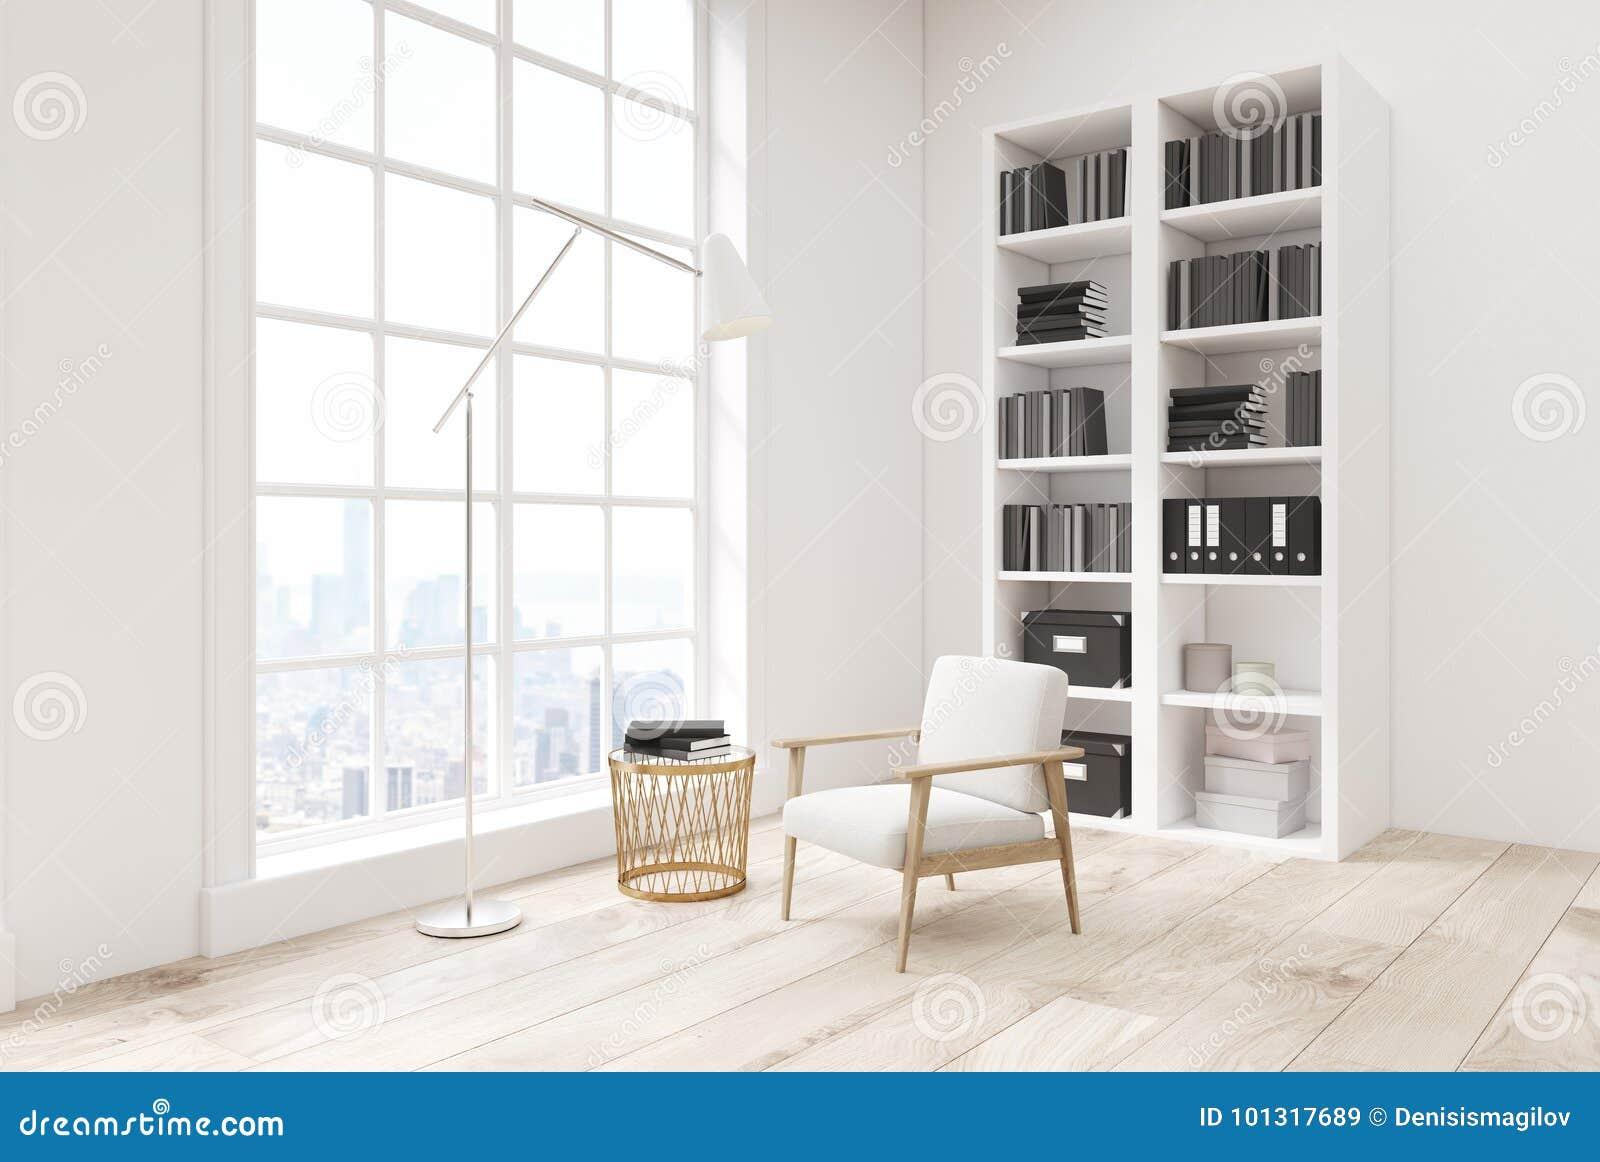 Woonkamer Met Boekenkast : Witte woonkamer met een boekenkast zijaanzicht stock illustratie